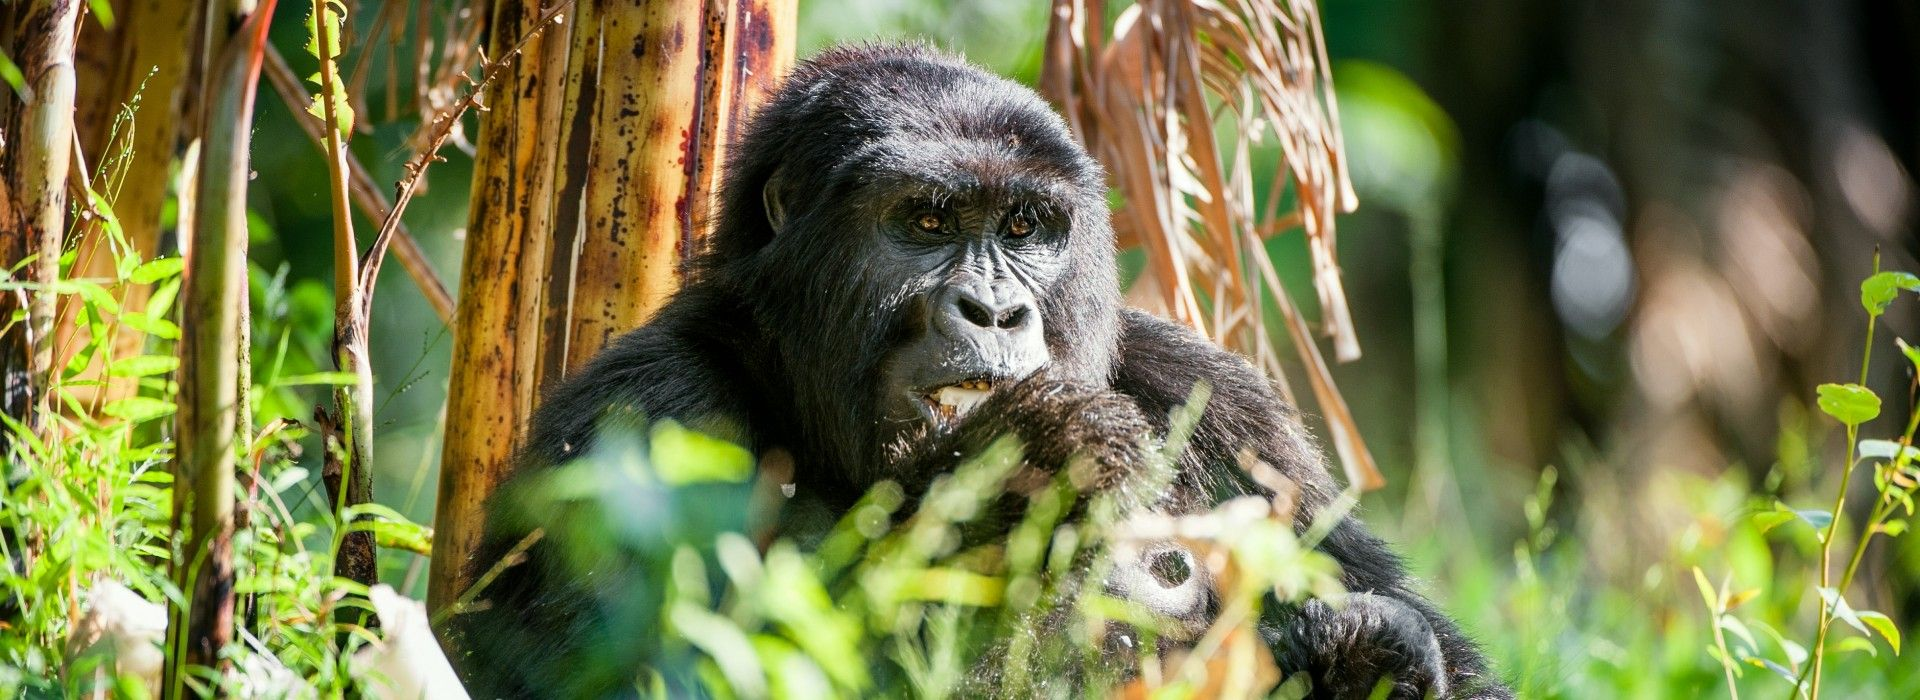 Uganda Tours and Trips to Uganda